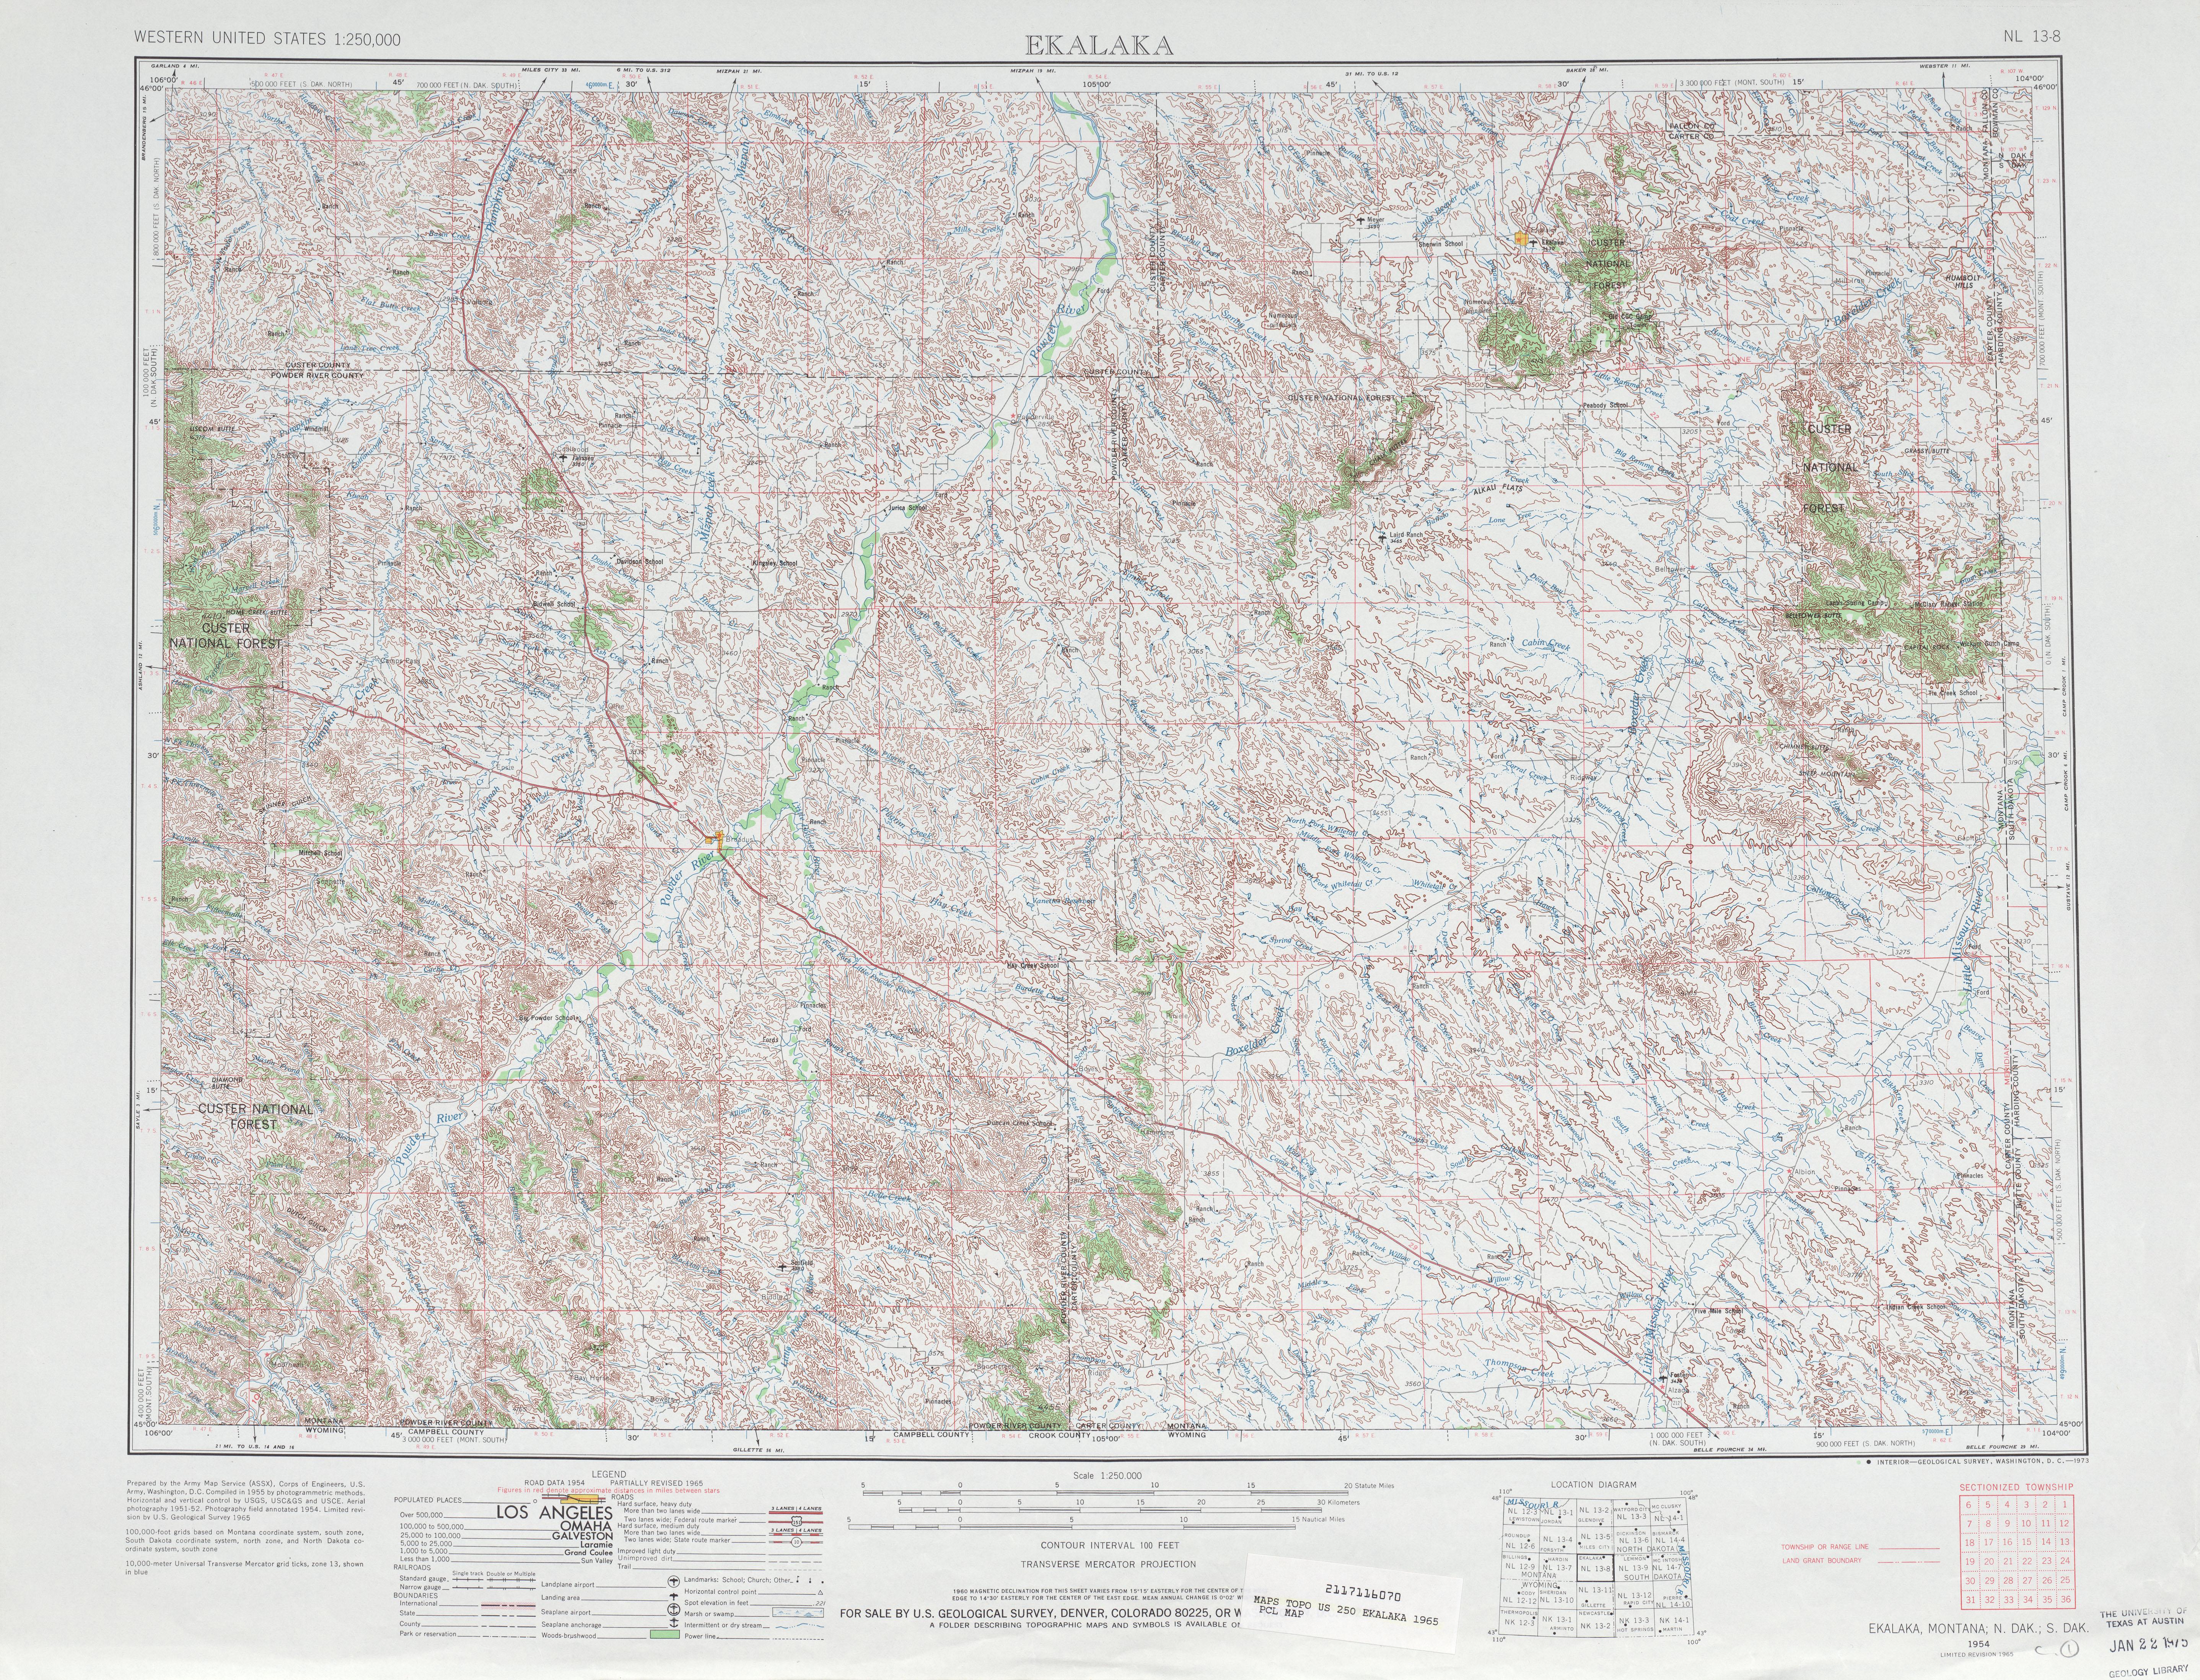 Ekalaka Topographic Map Sheet, United States 1965